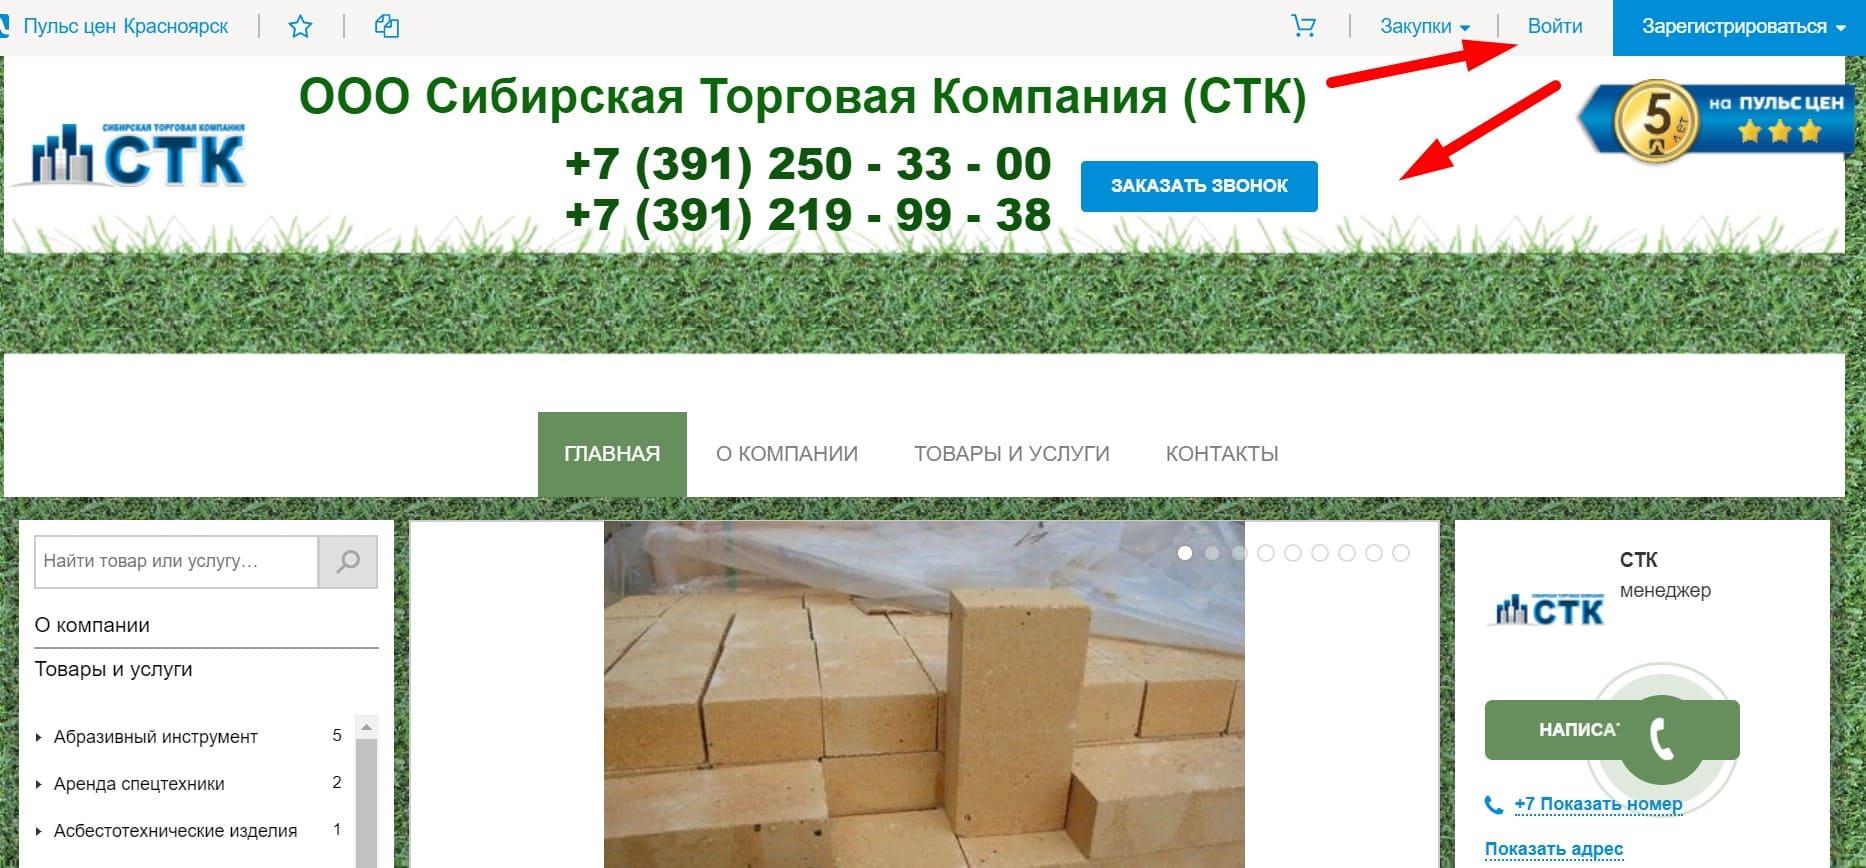 ООО СТК Красноярск личный кабинет